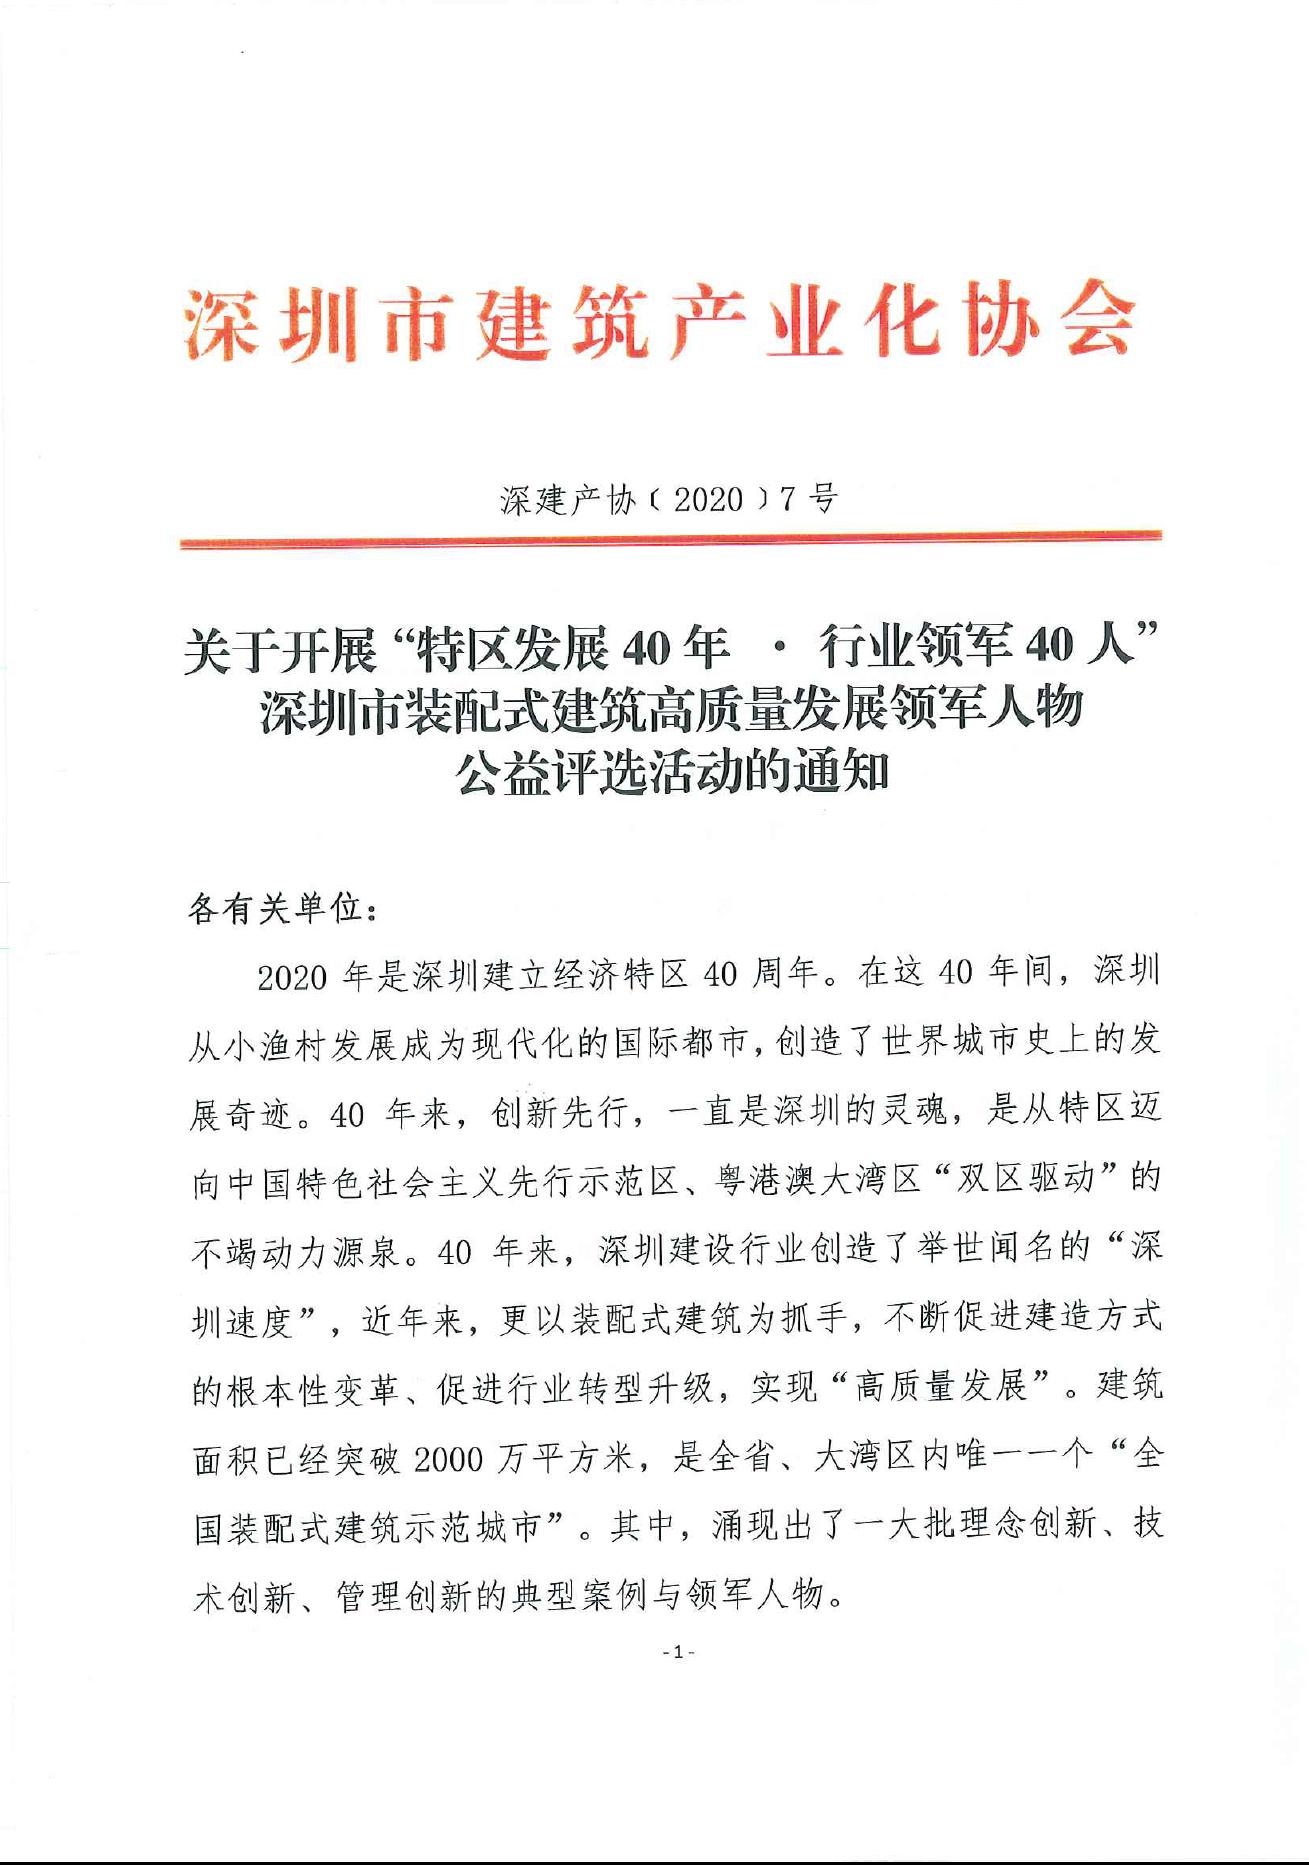 """关于开展""""特区发展40年 • 行业领军40人"""" 深圳市装配式建筑高质量发展领军人物 公益评选活动的通知"""